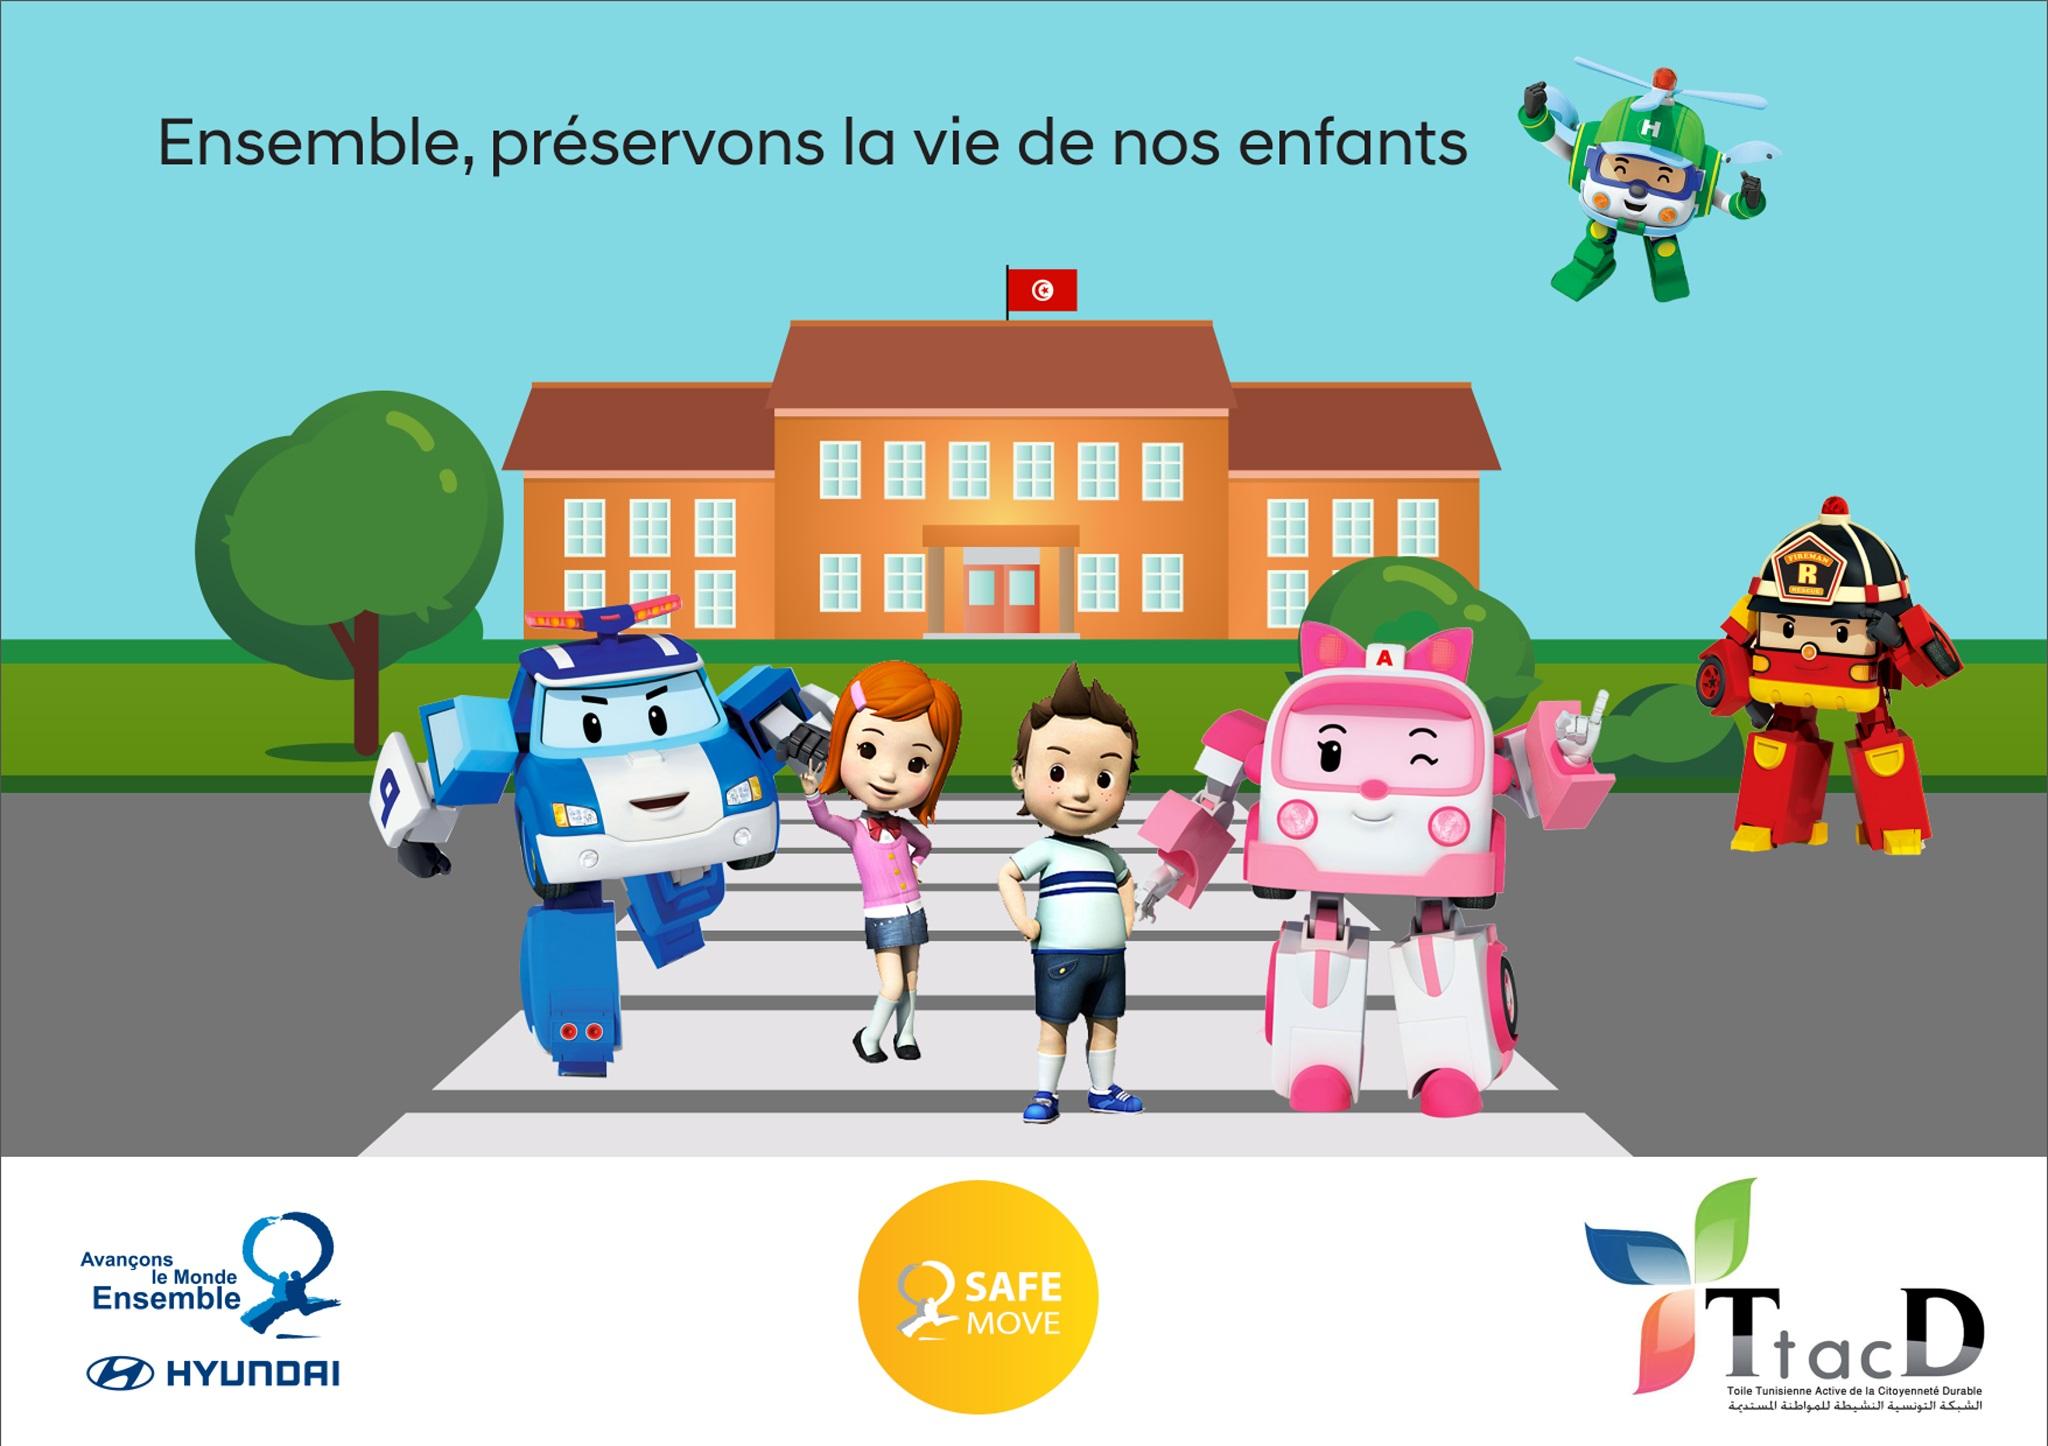 Alpha Hyundai Motor clôture son programme social 2017 par une campagne ayant une portée sur les citoyens de demain